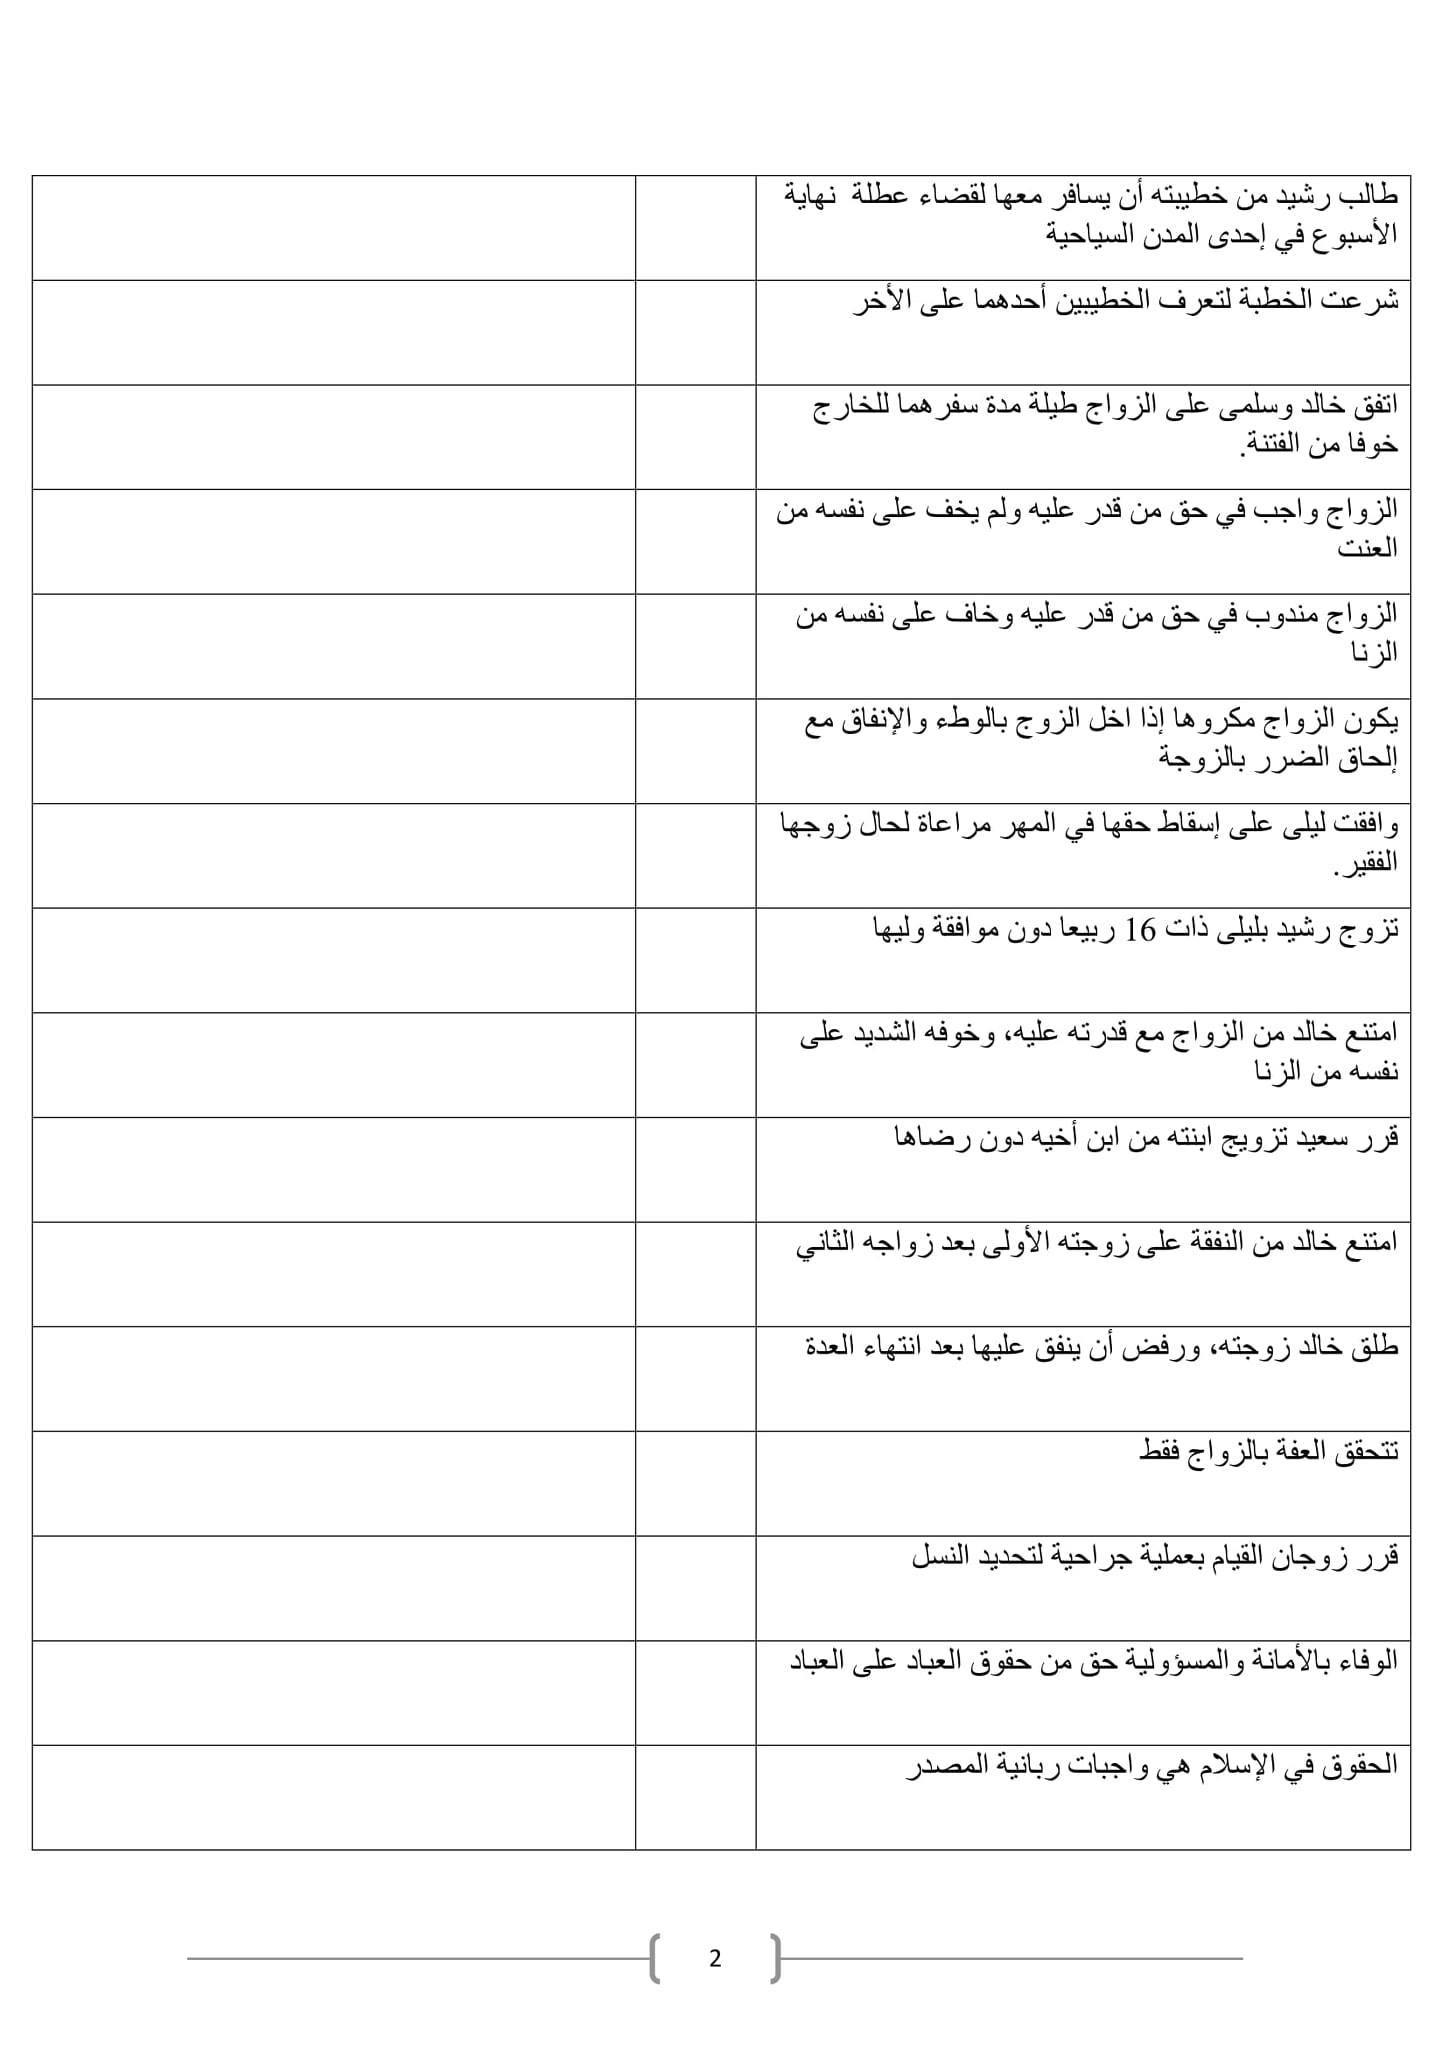 وضعيات تقويمية في التربية الاسلامية مصححة استعدادا  للامتحان الجهوي الاولى بكالوريا